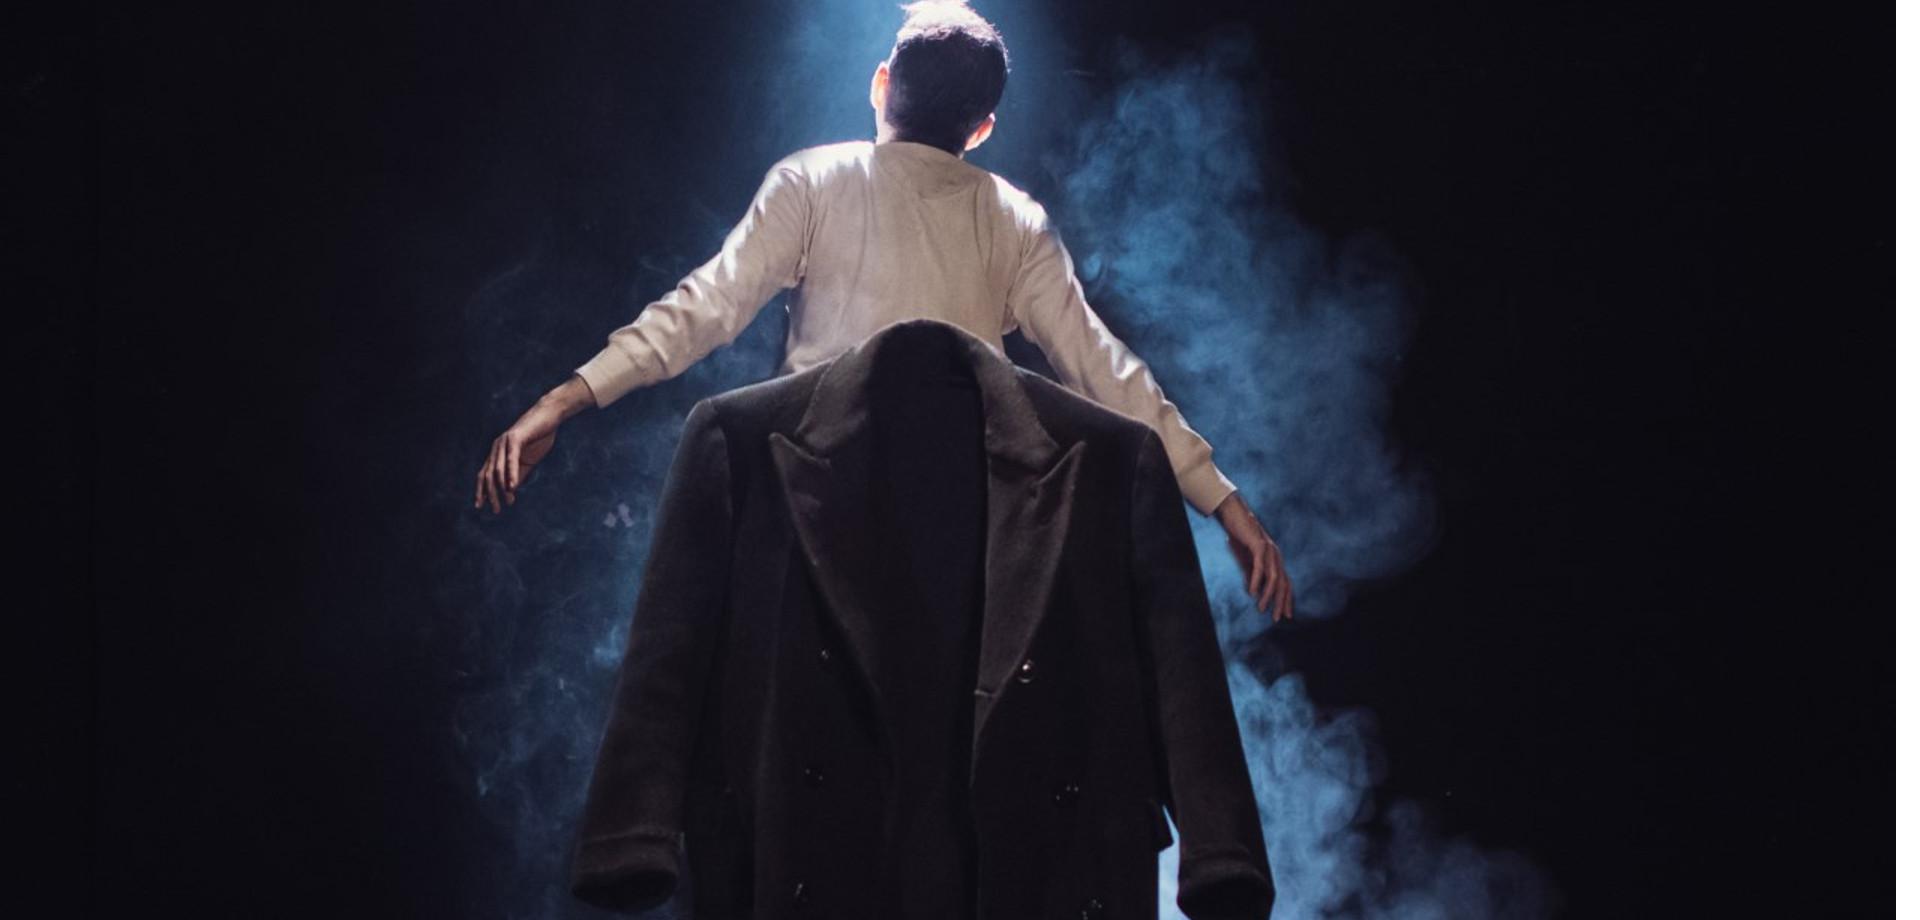 Νικολάι Γκόγκολ, Το παλτό